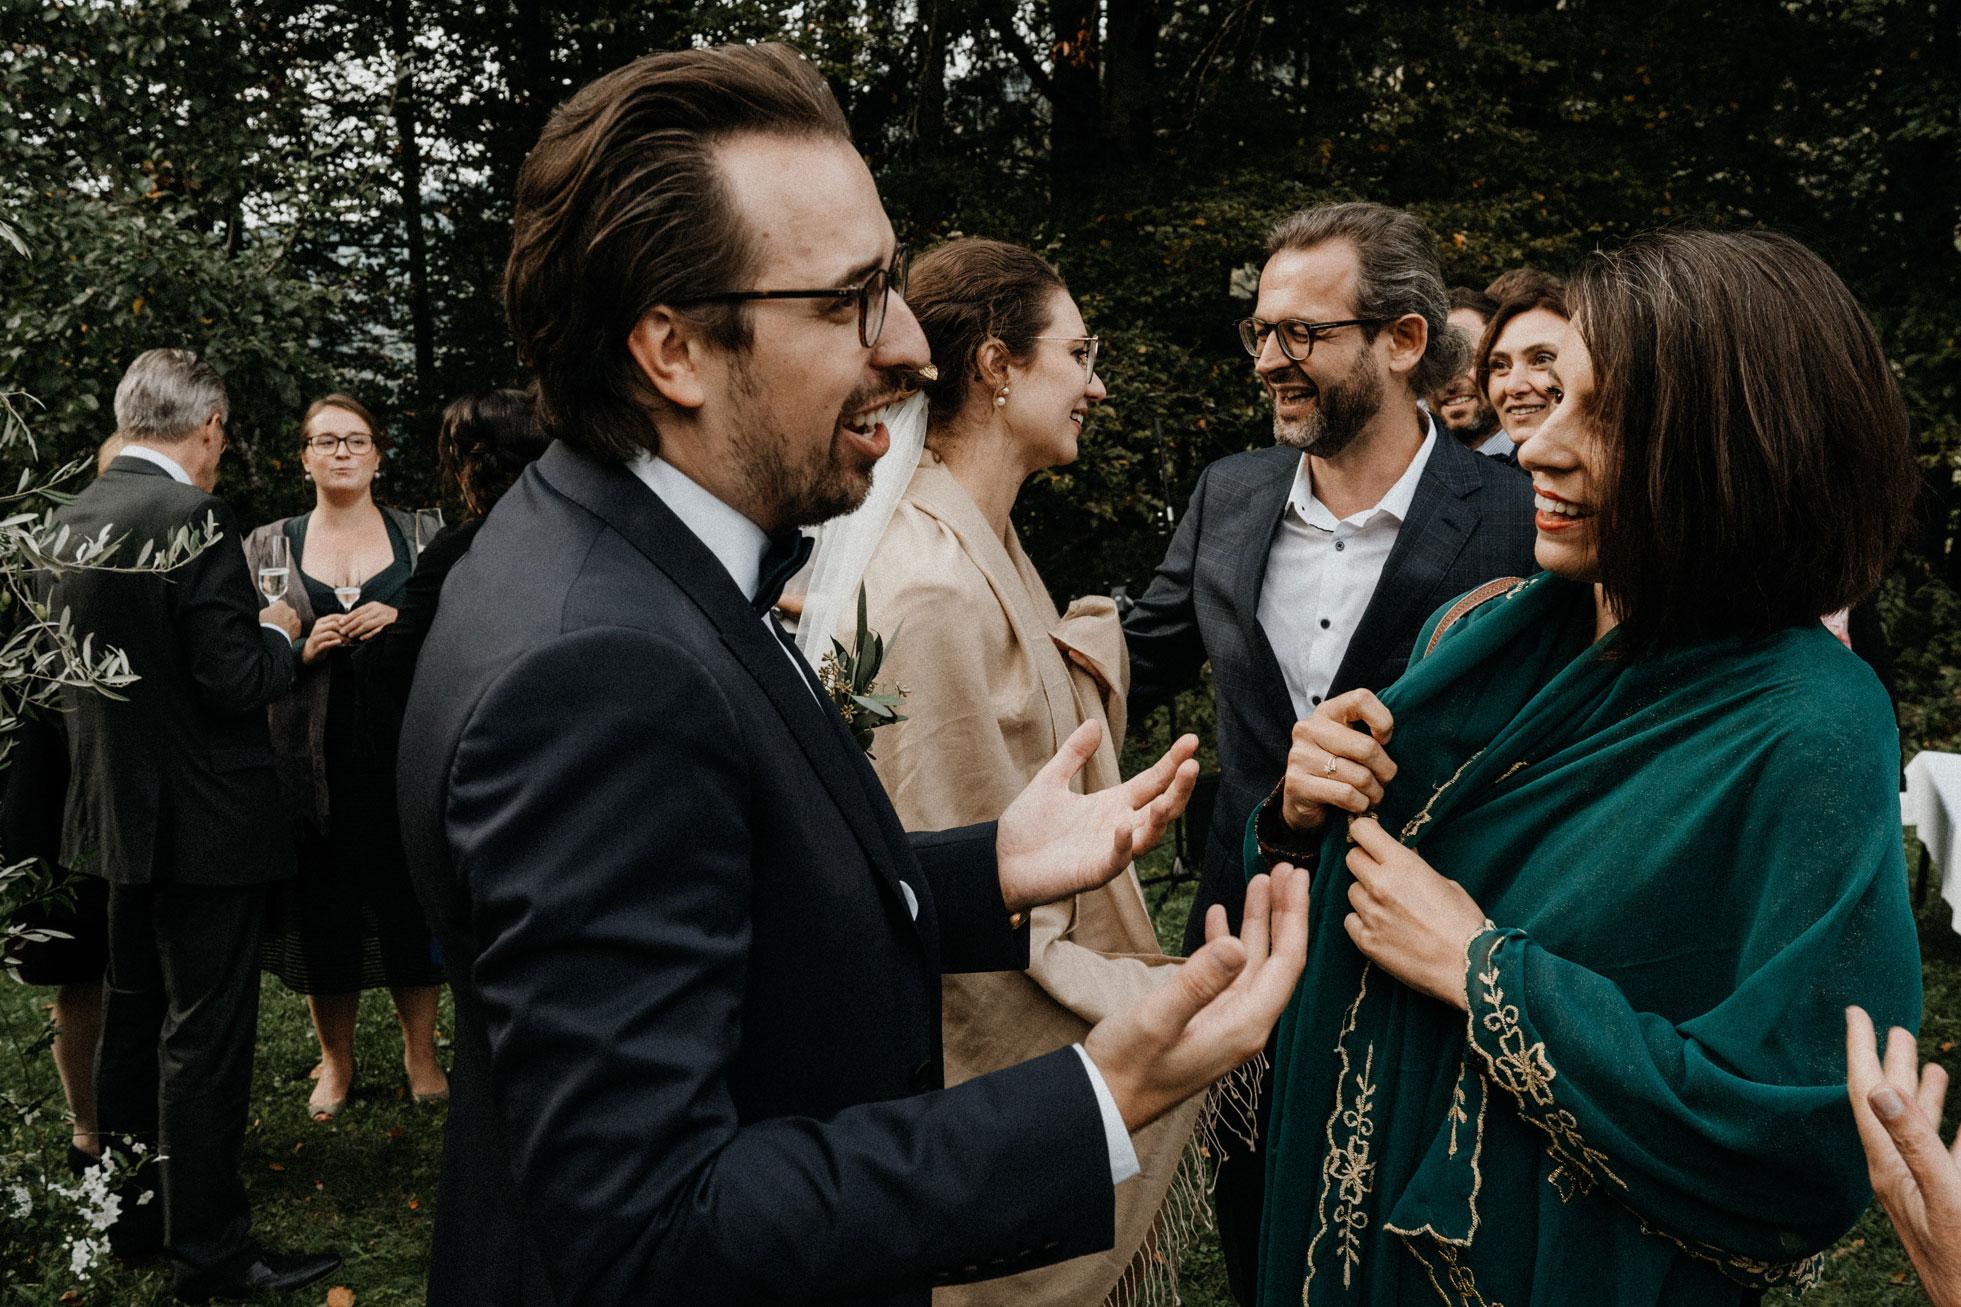 Hochzeit_Claire_Manuel_Villa_Maund_Daniel_Jenny-278.jpg